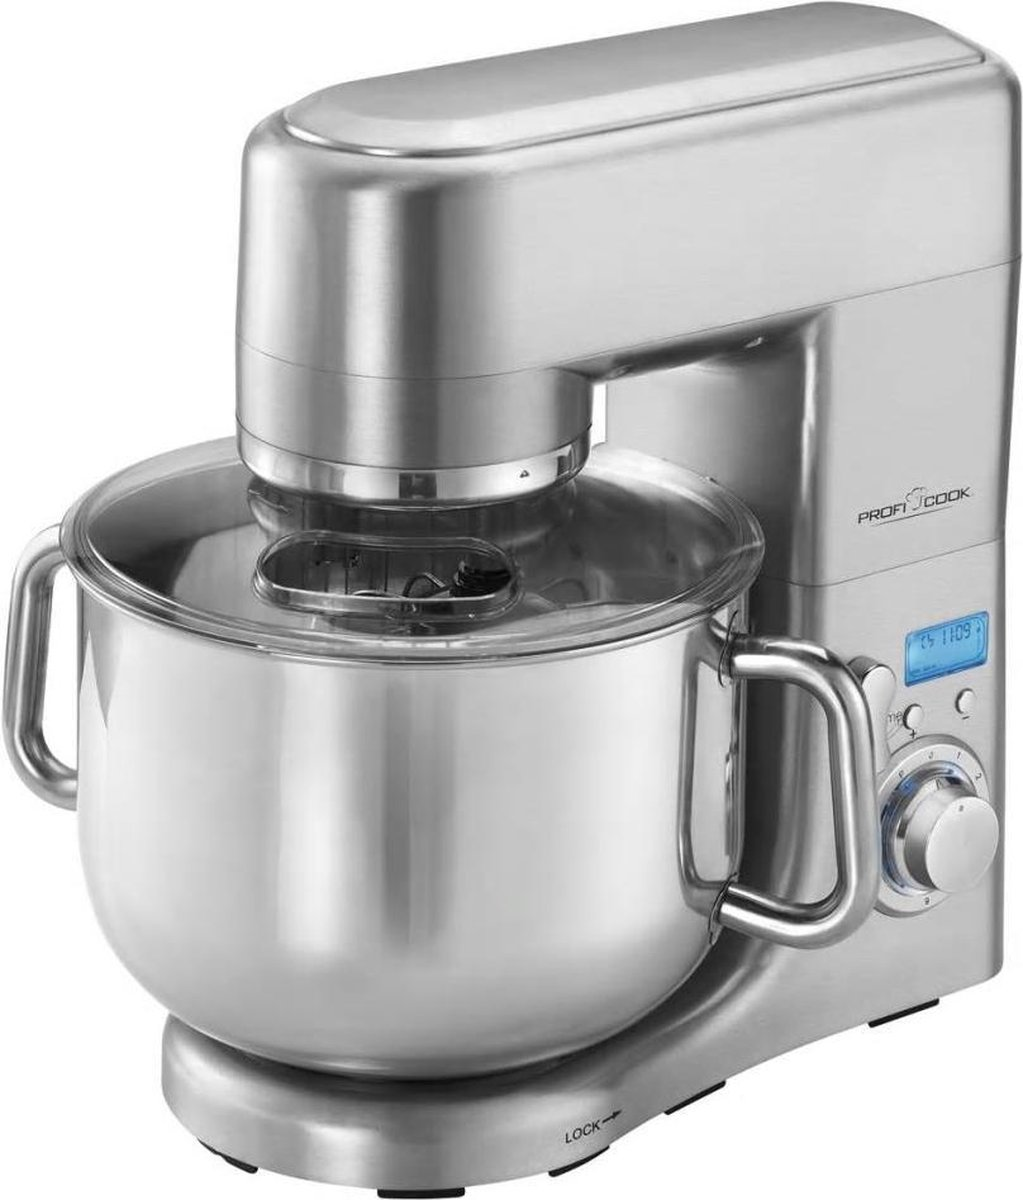 PROFICOOK KM 1096 Keukenmachine xxxl 10 liter